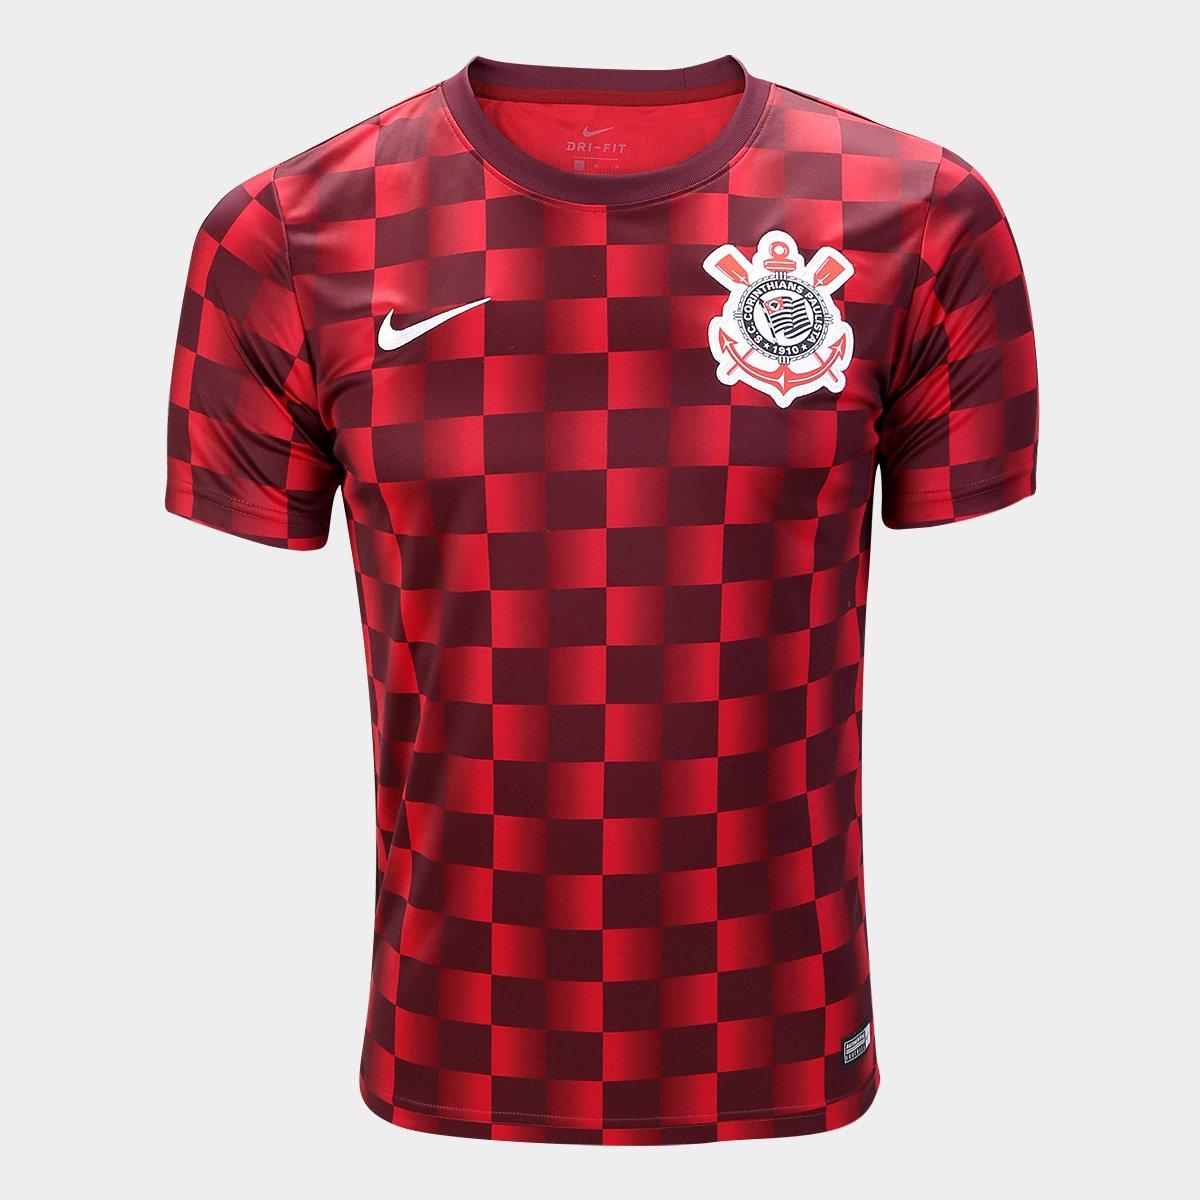 5f22b15ac8 Camisa Corinthians Pré Jogo 19 20 Nike Masculina - Marrom e Vermelho -  Compre Agora